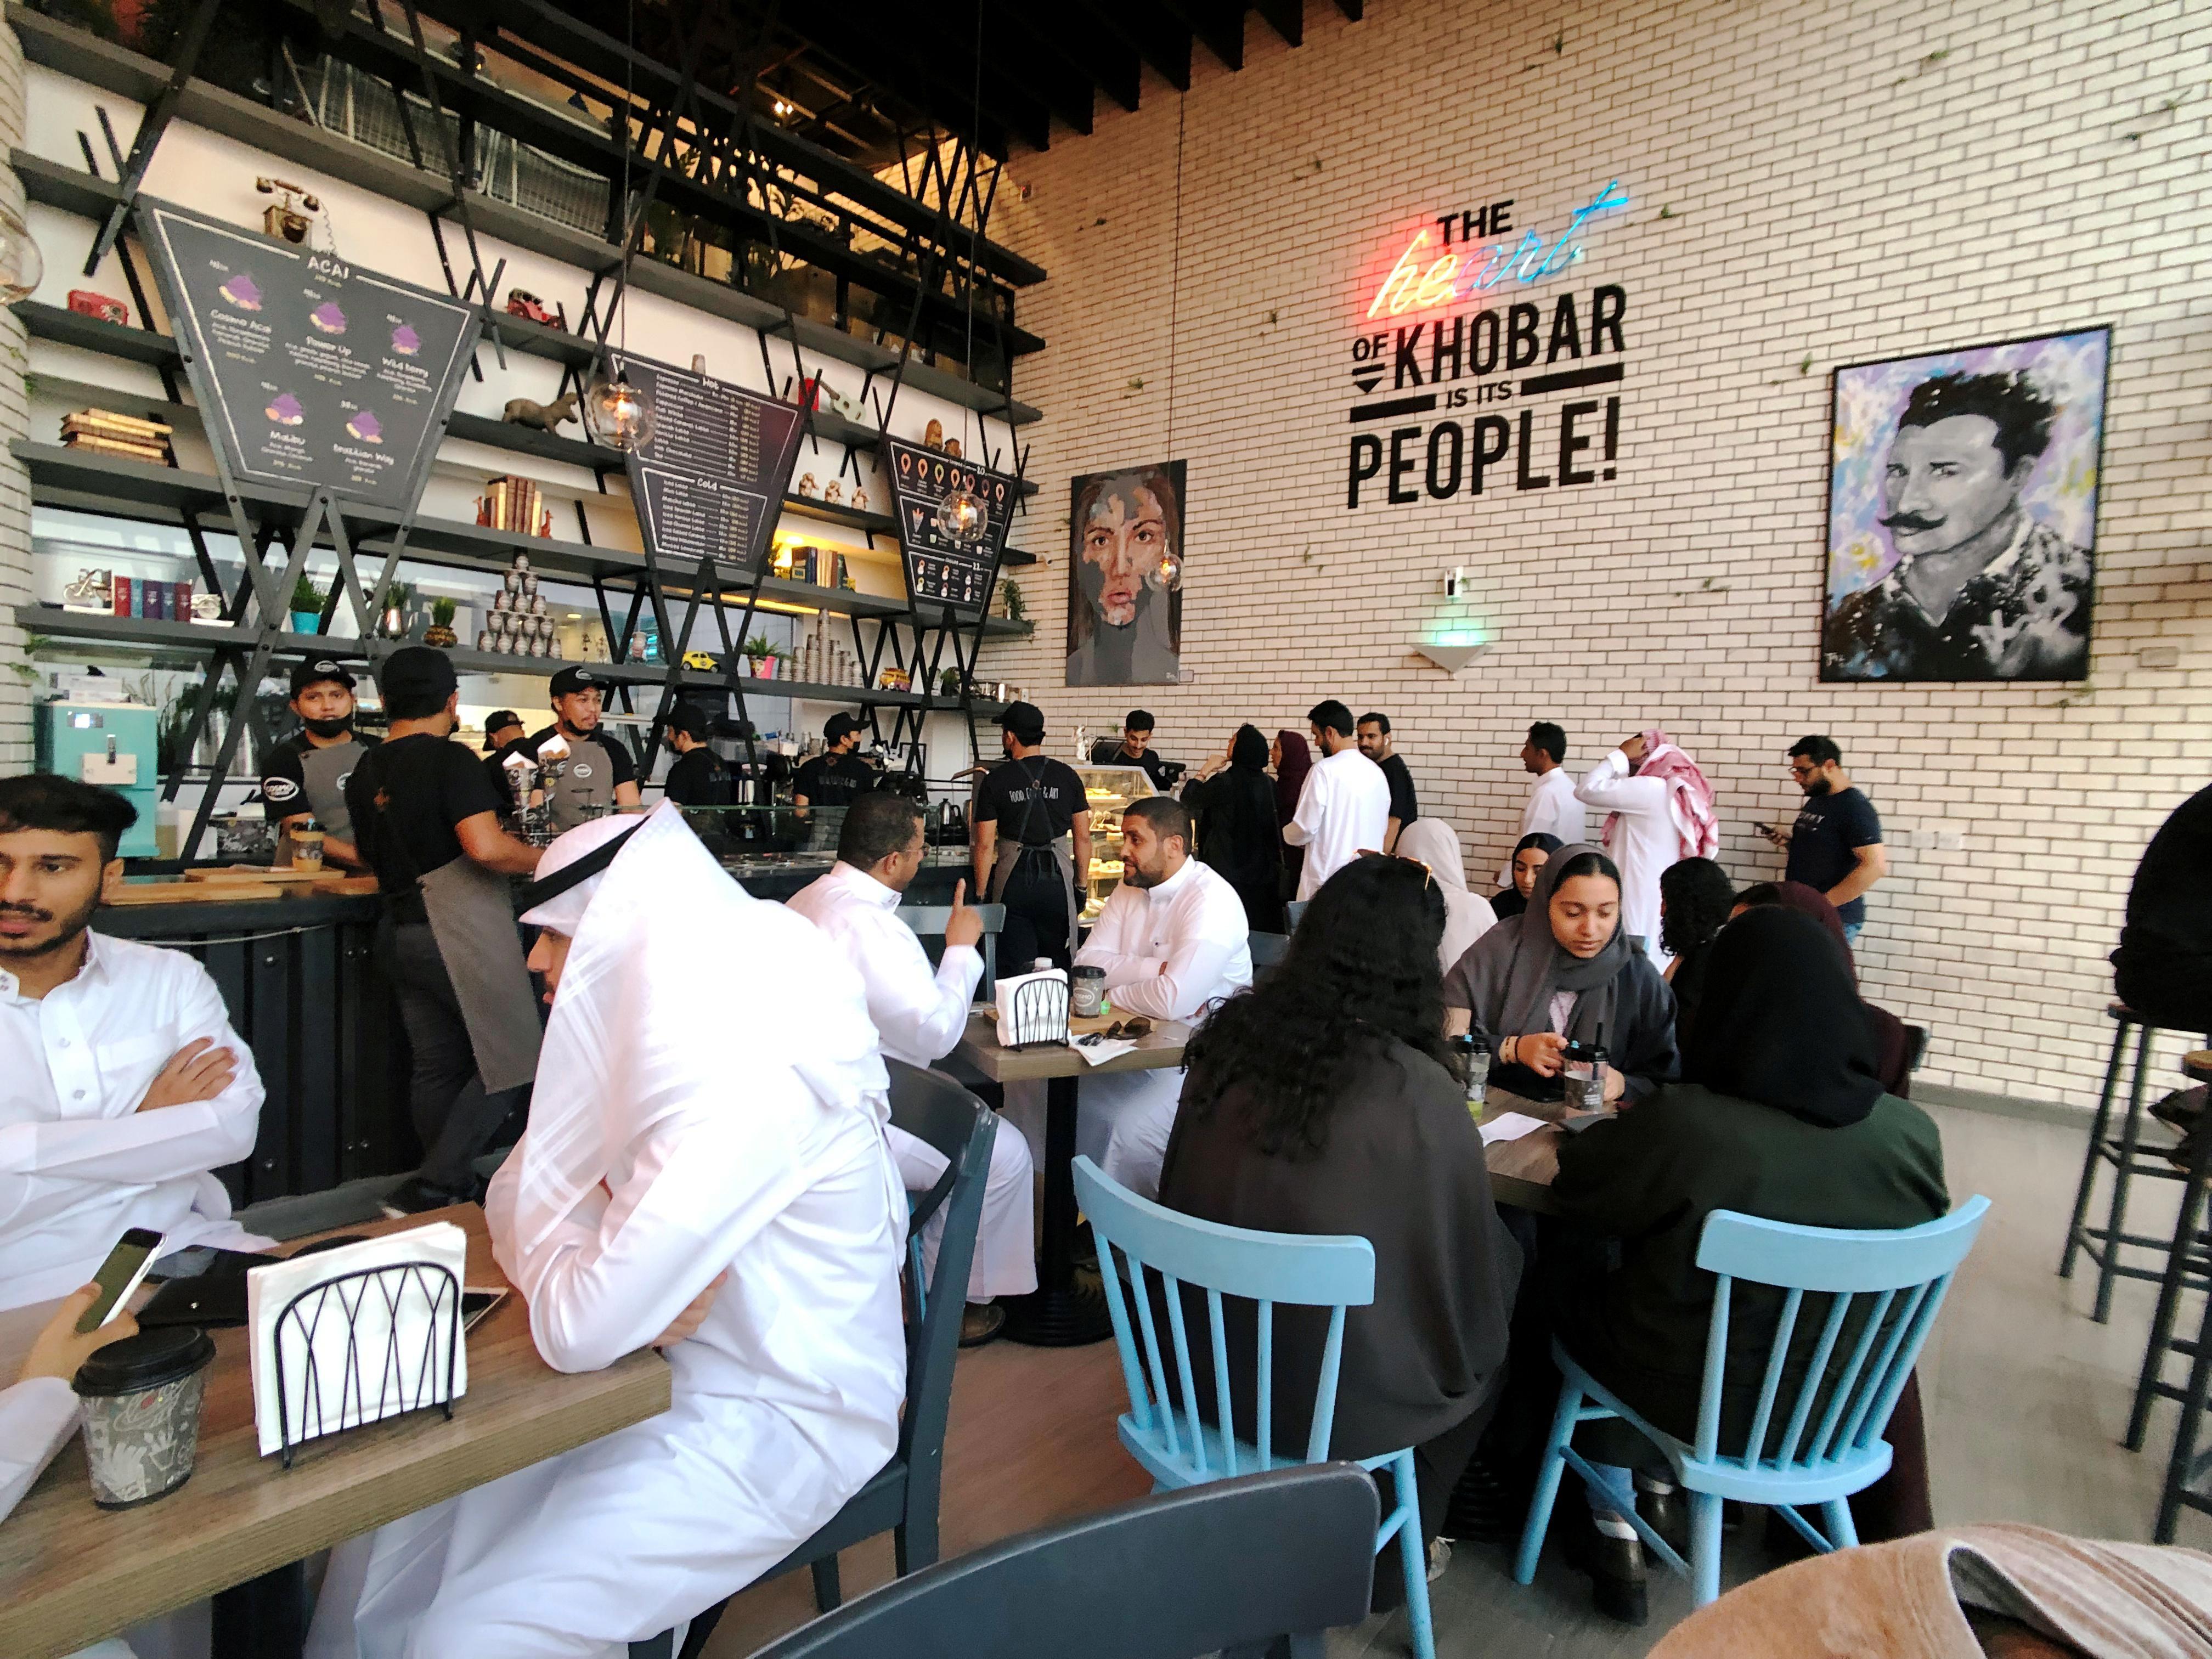 Saudi Arabia ends gender-segregated entrances for restaurants